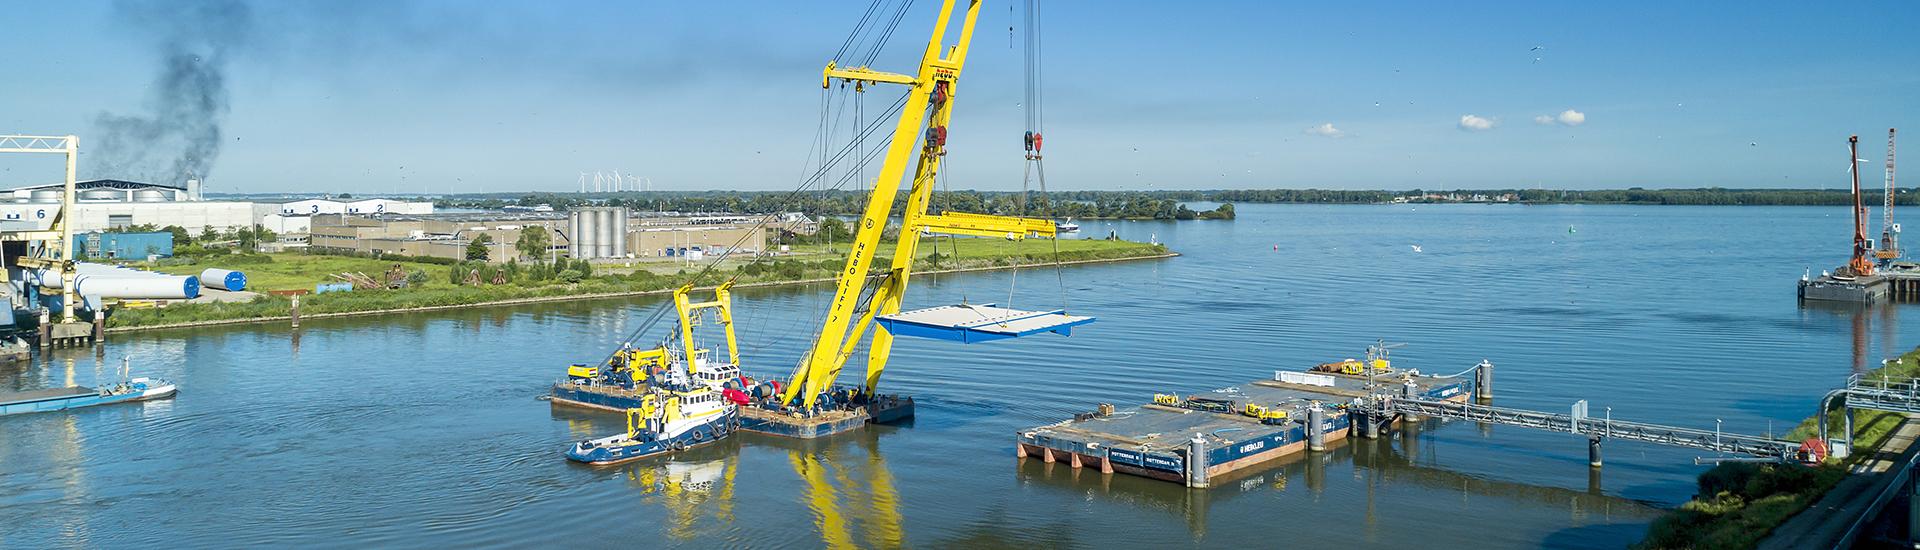 Vervoer en montage nieuwe vallen Wantijbrug, Dordrecht